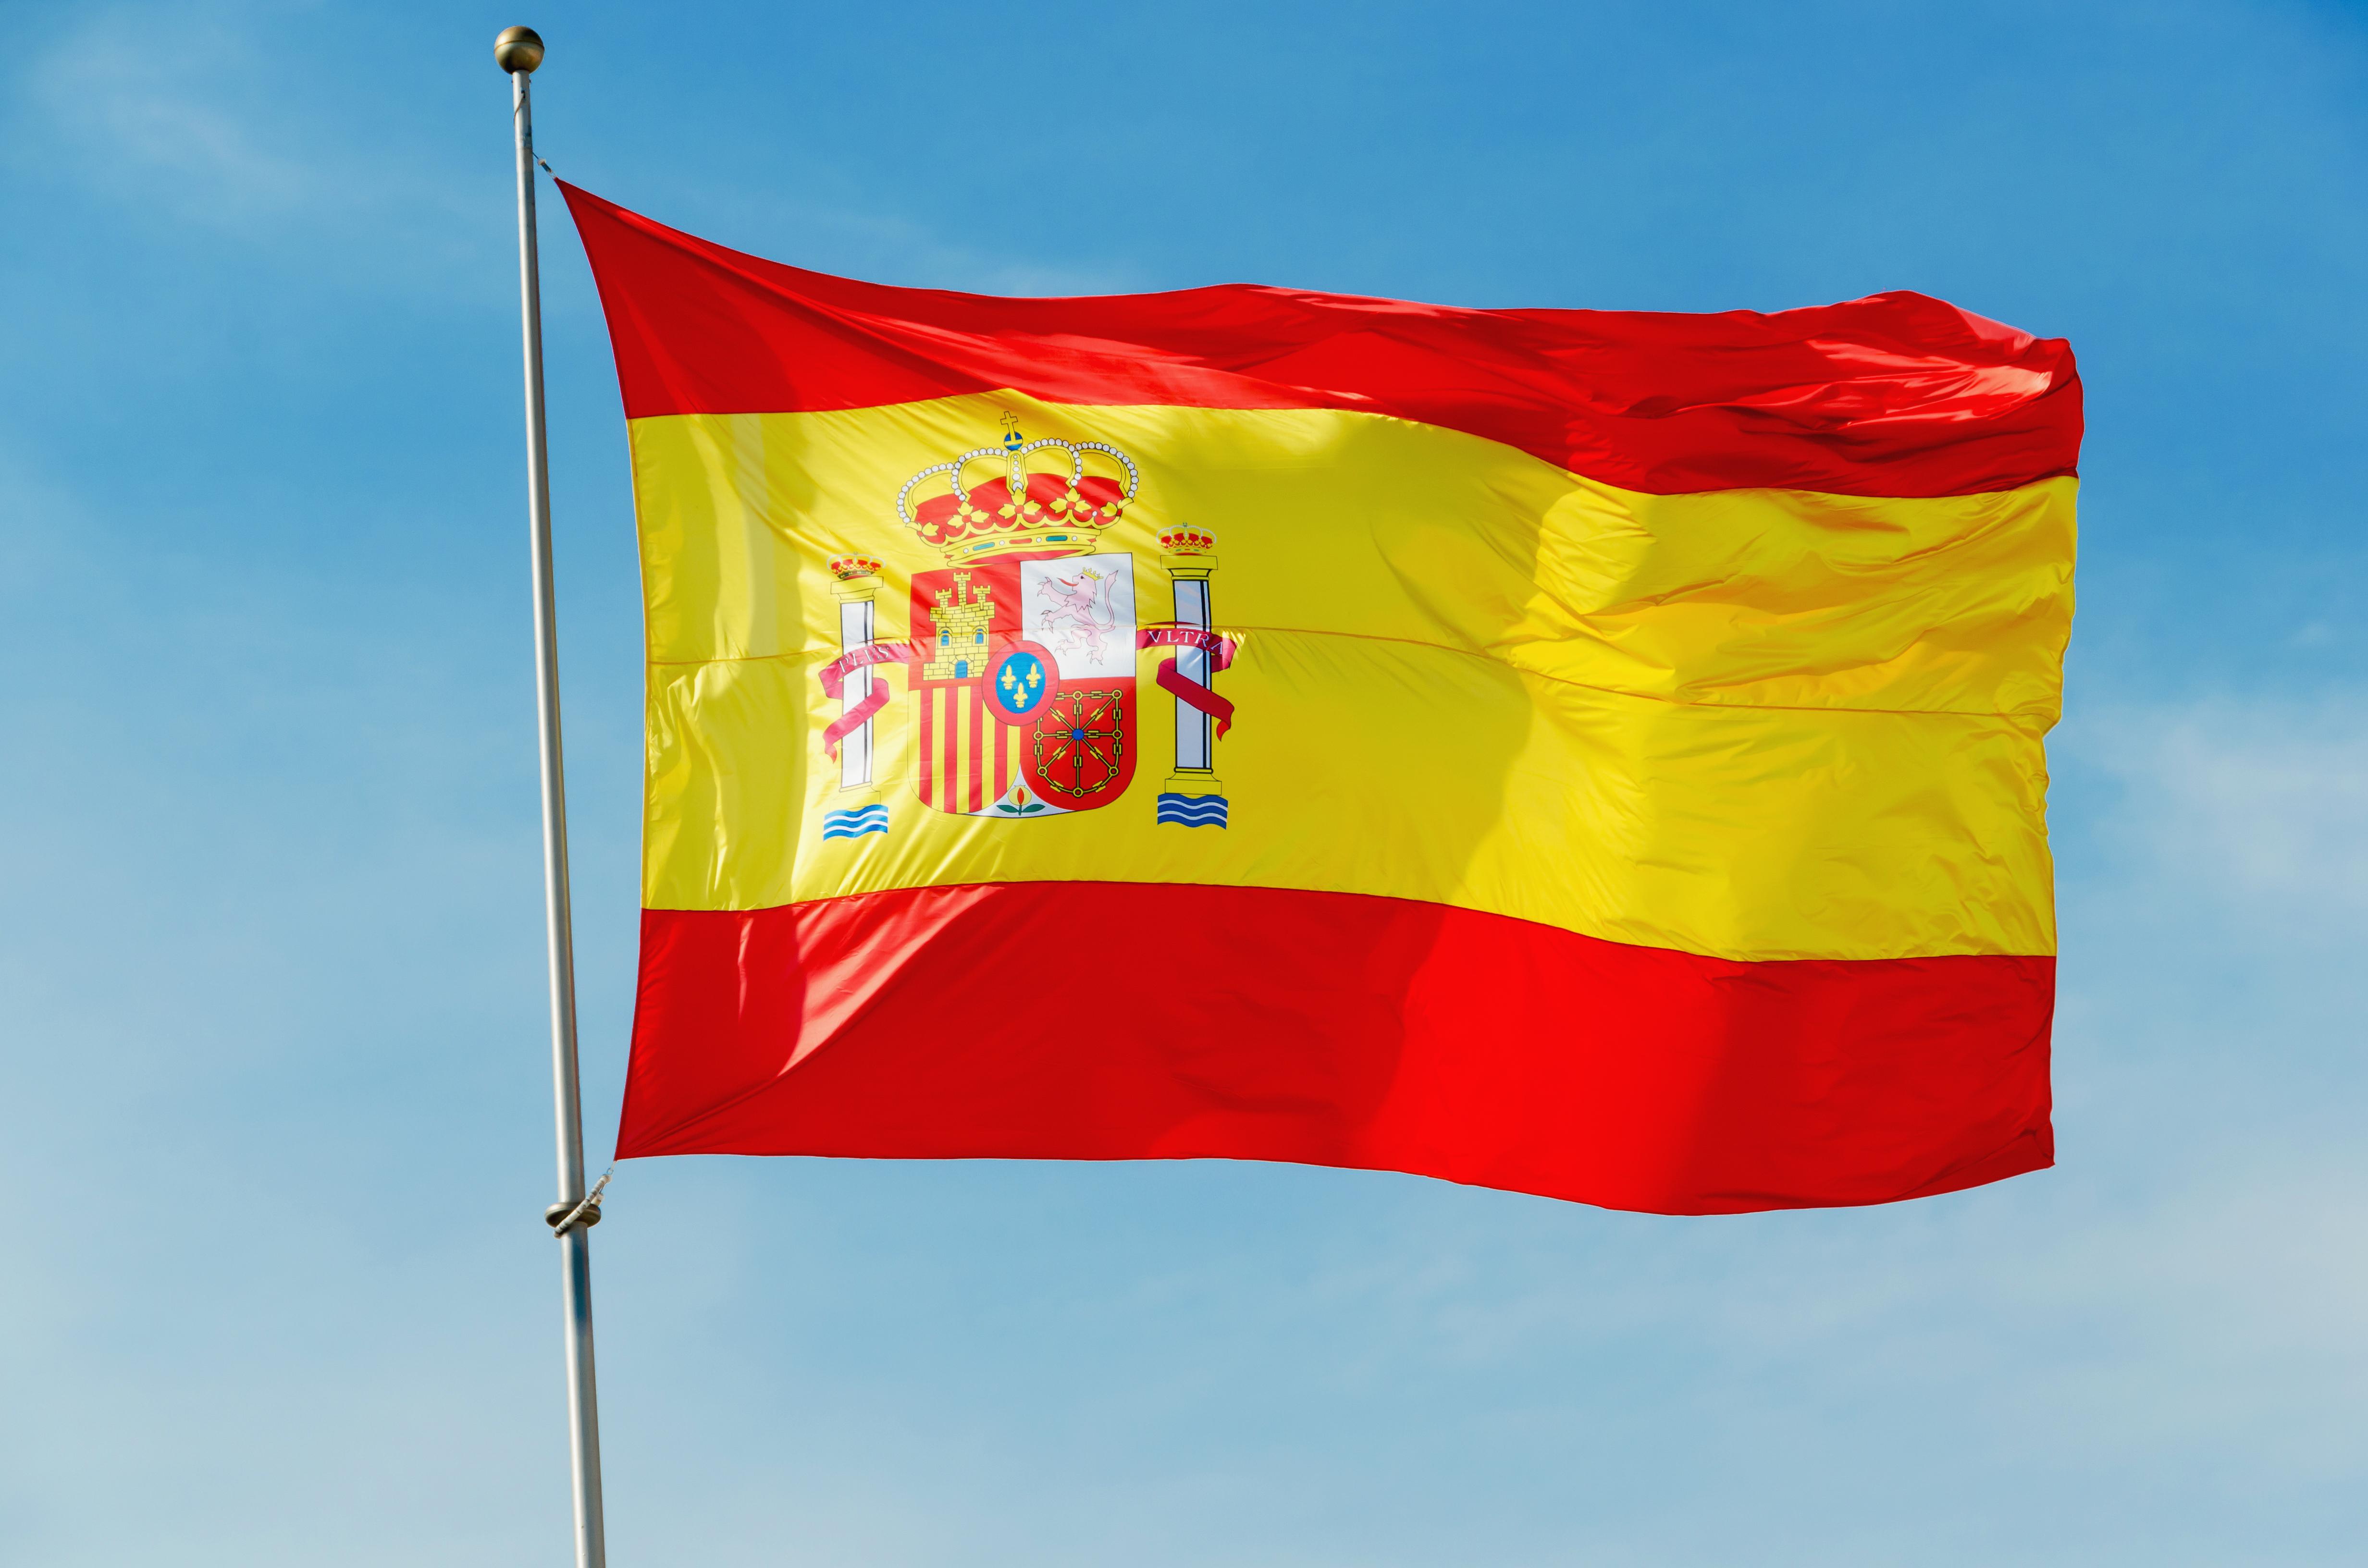 Spania a vaccinat 70% din populaţie cu două doze de vaccin împotriva Covid-19